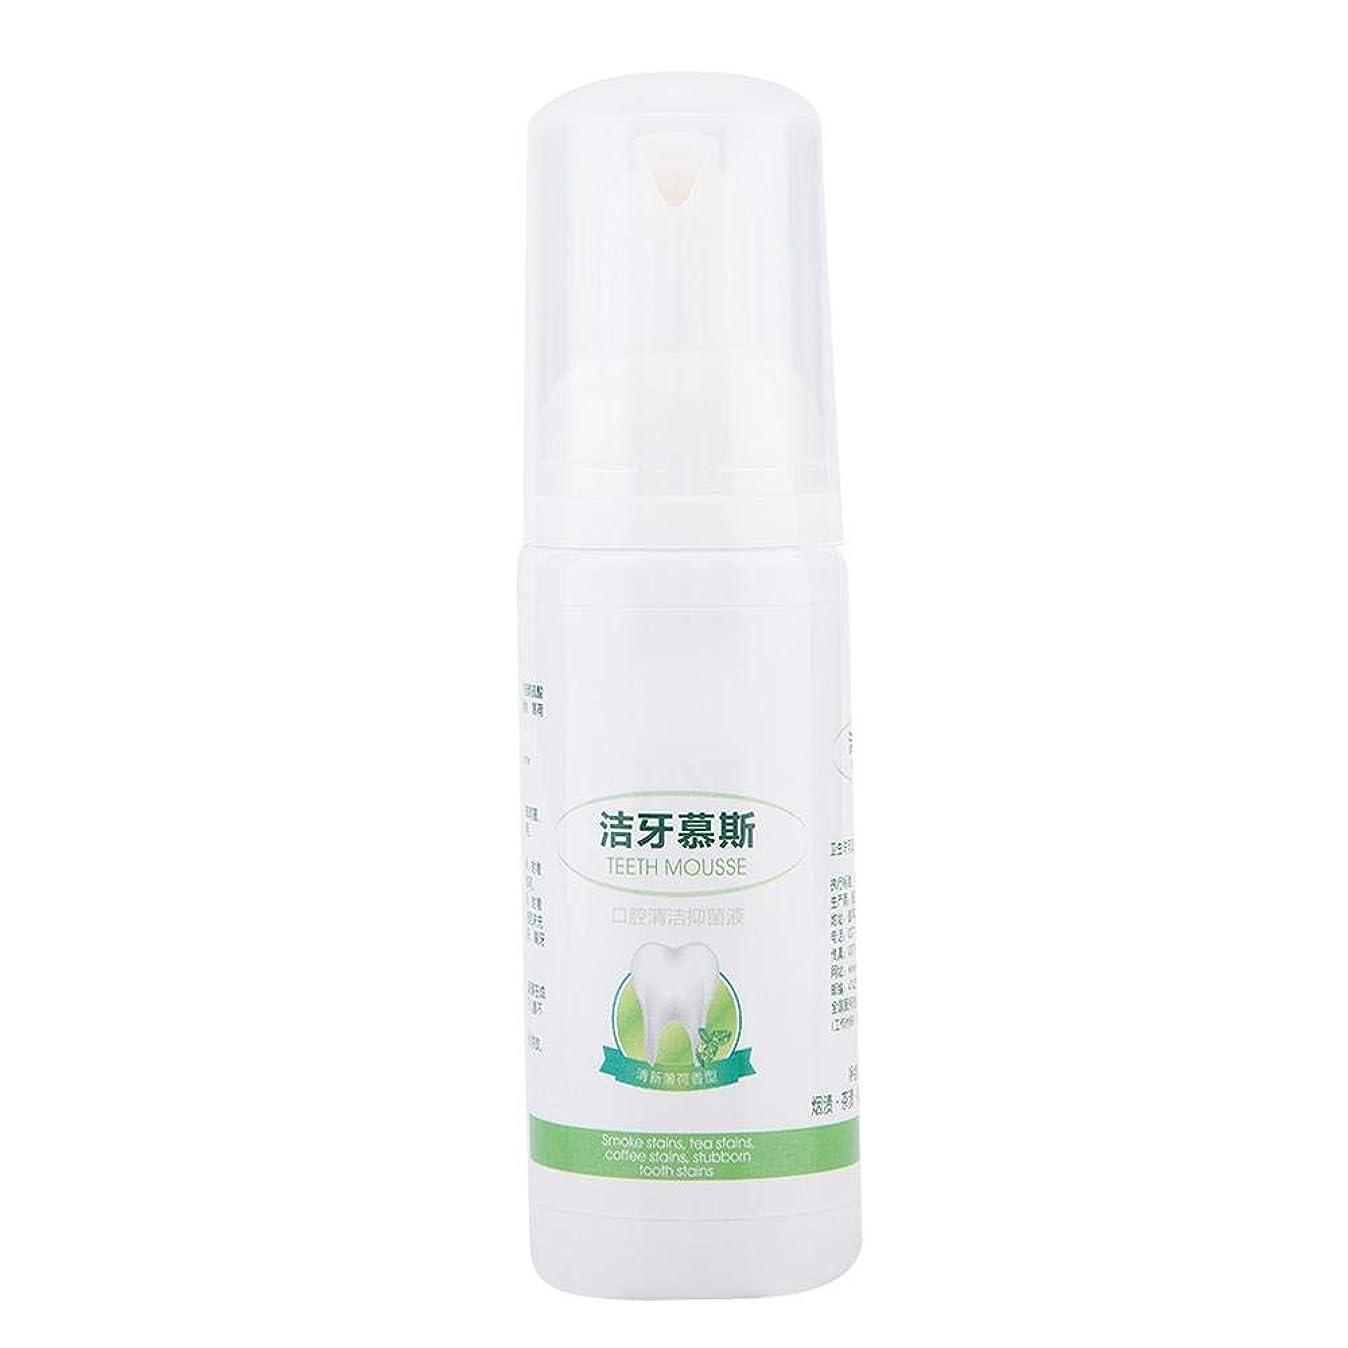 依存するピルファー感覚泡を白くする歯、泡を白くする歯の汚れの汚れの取り外しの歯磨き粉の口腔衛生のクリーニング用具